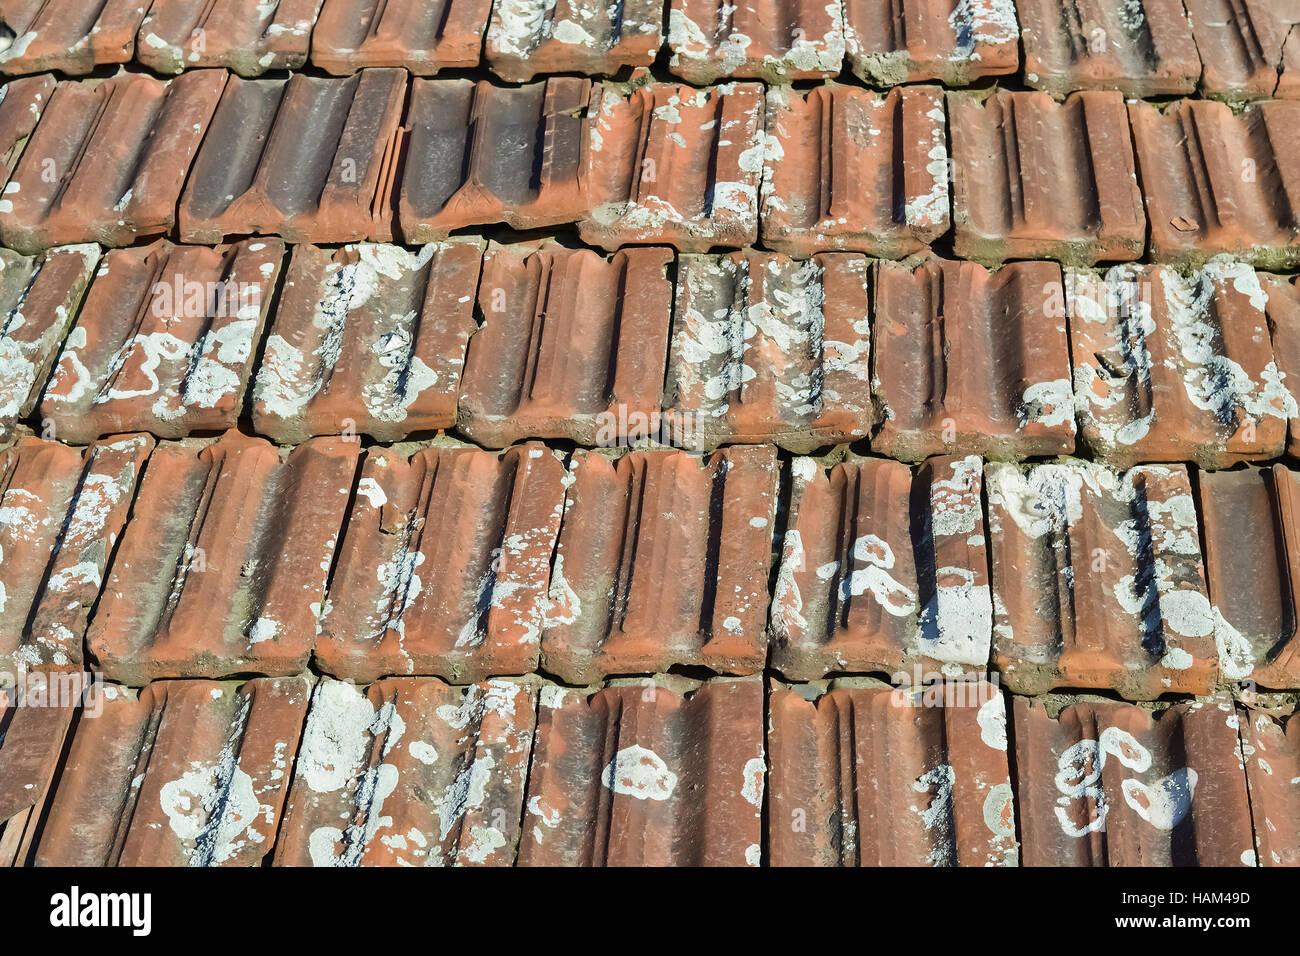 Primo piano della piastrelle mattoni vecchi sul tetto di una casa